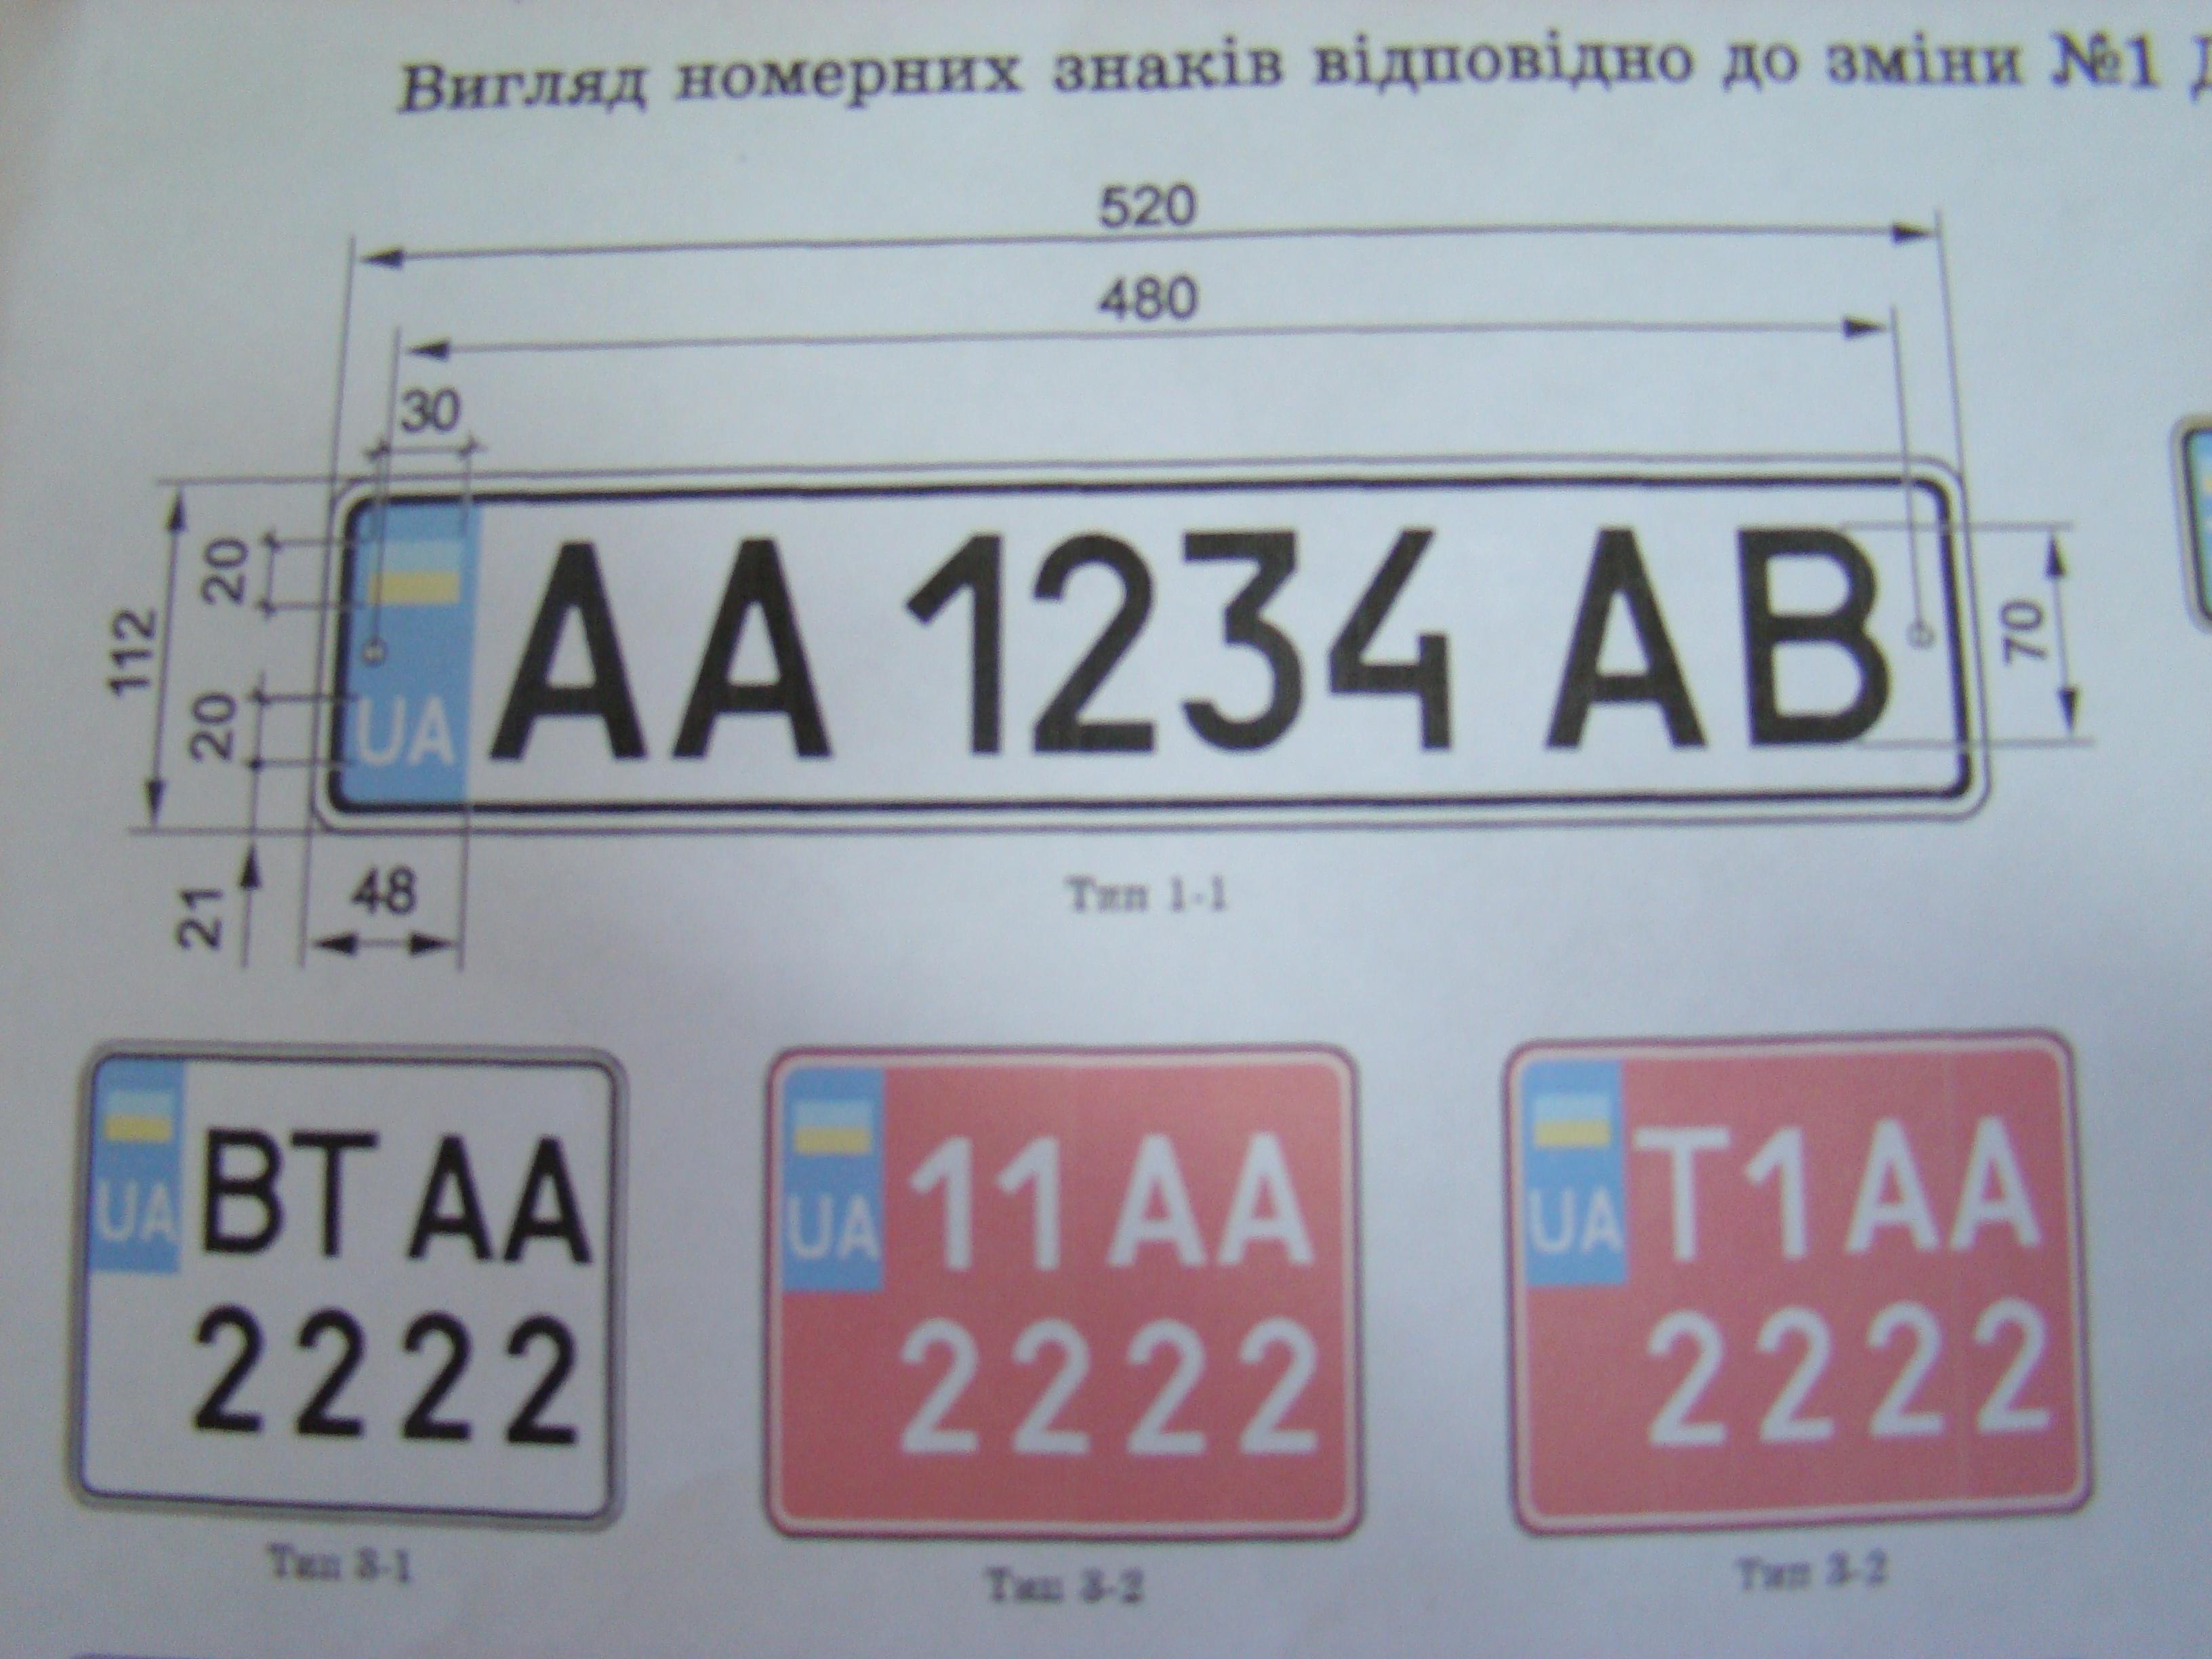 dsc01854